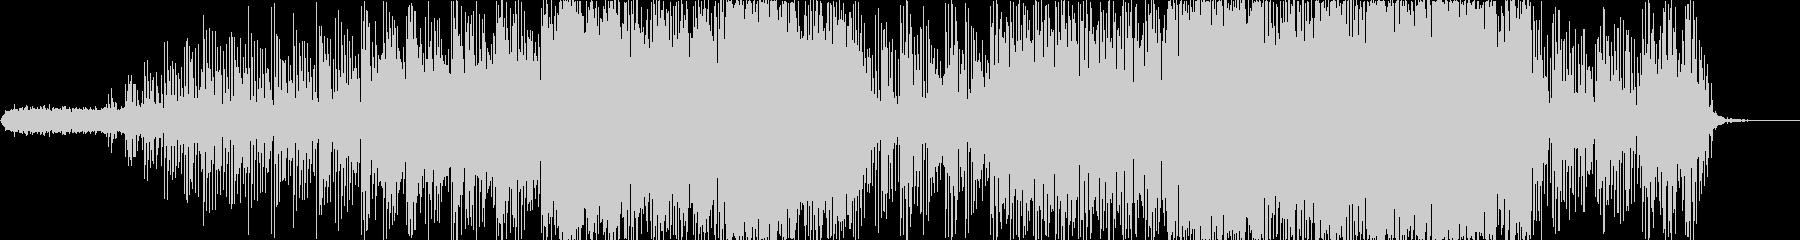 ひとけのない電子的なアンビエントの未再生の波形